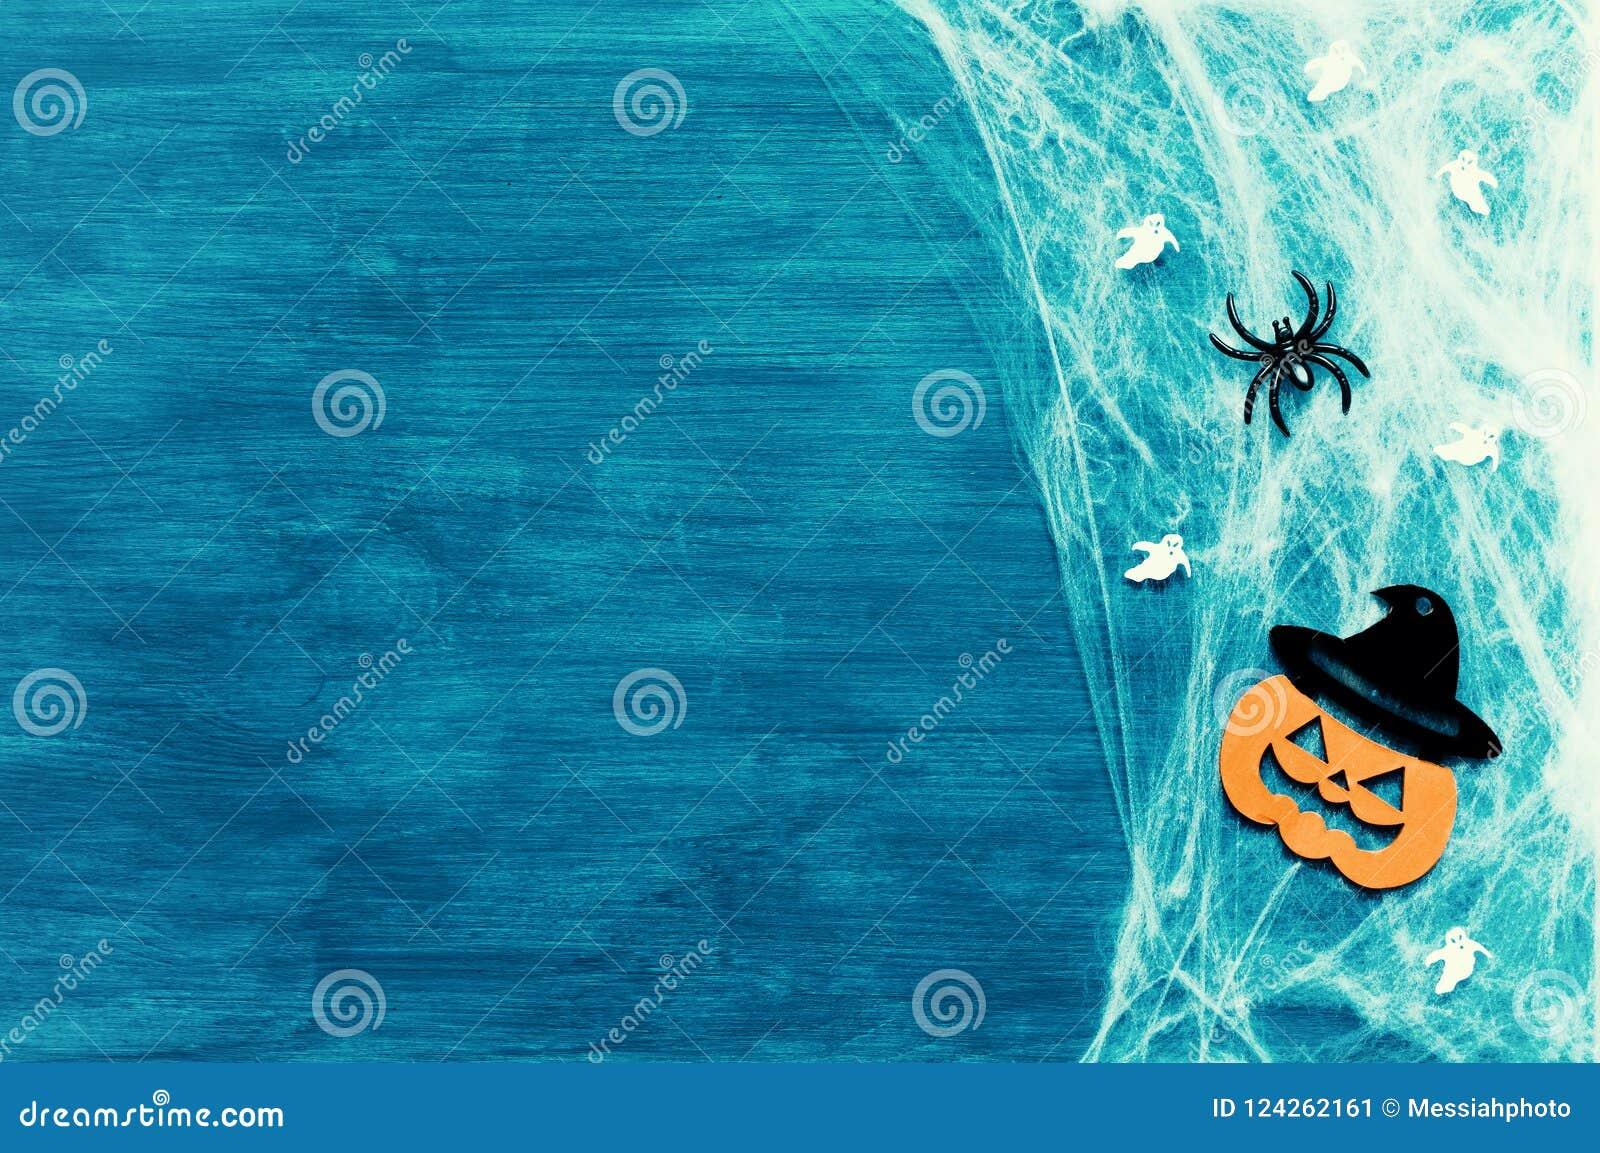 Música da noite Web de aranha, aranhas e decorações de sorriso do jaque como símbolos de Dia das Bruxas no fundo verde